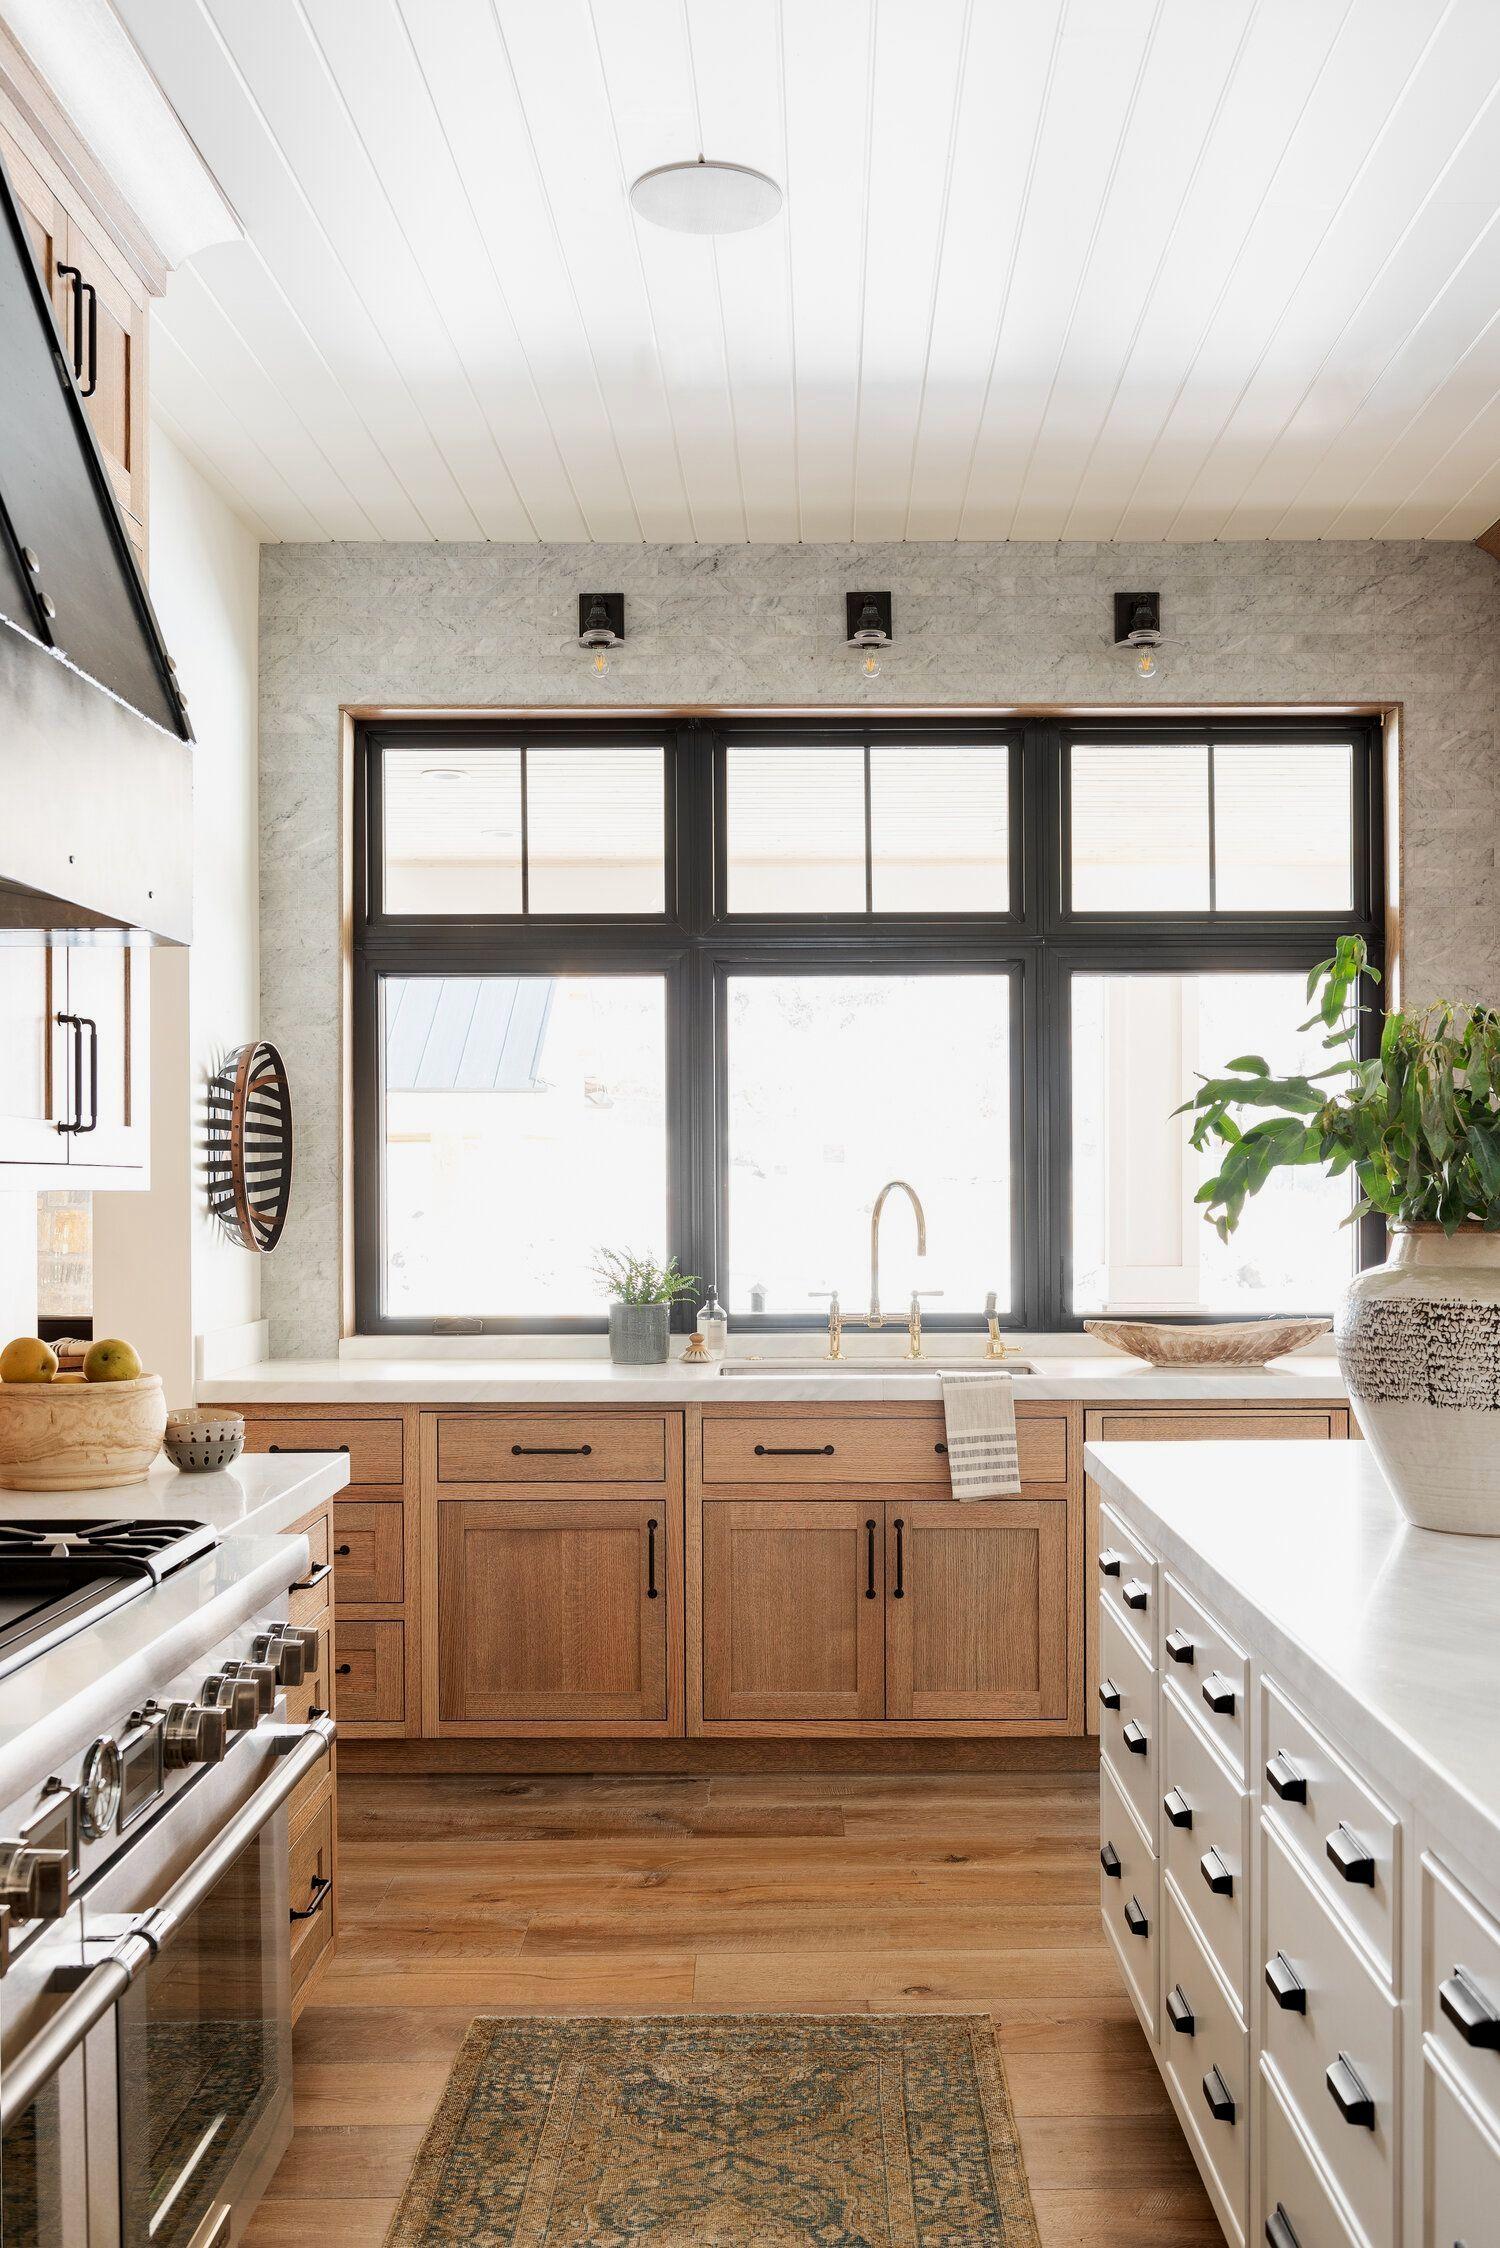 19 Lovely Kitchen Design Ideas In 2020 Latest Kitchen Designs Kitchen Design Kitchen Interior